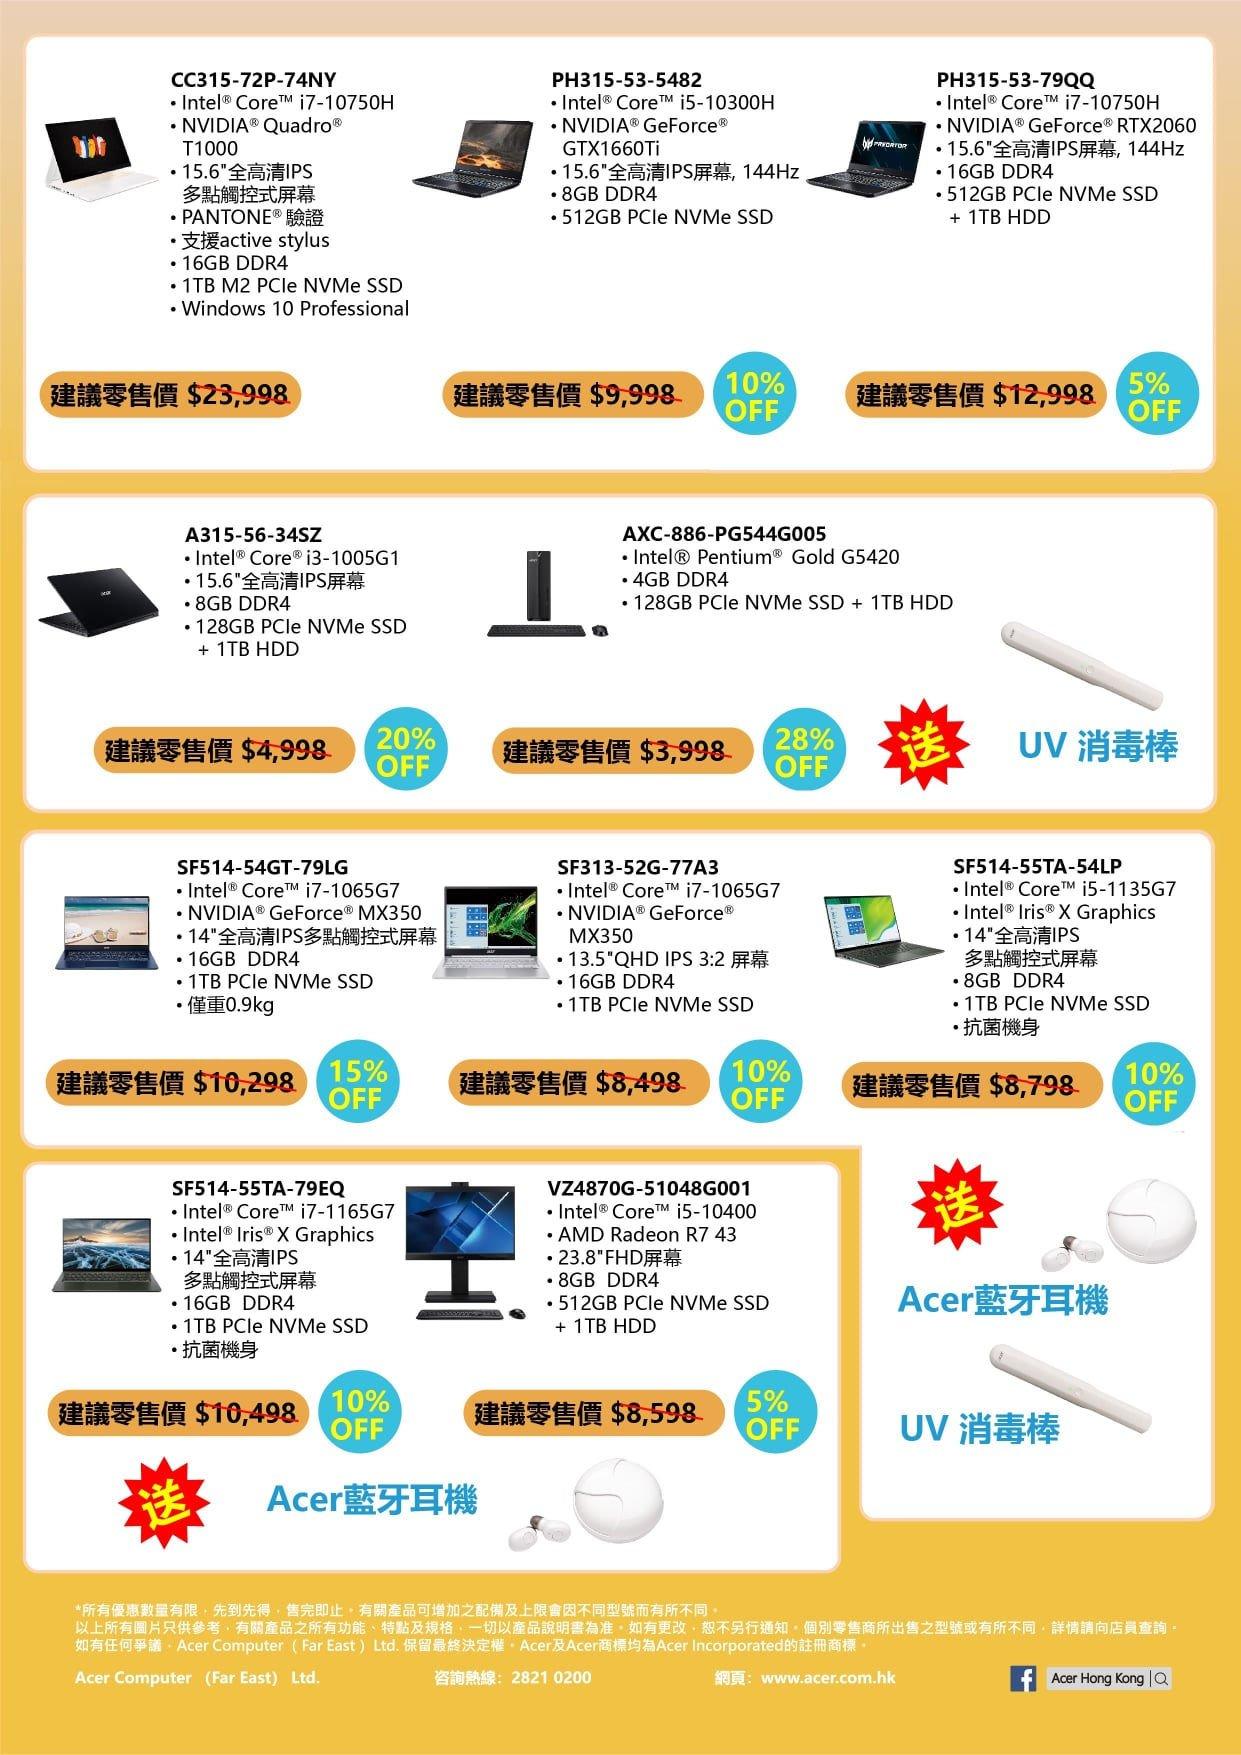 Acer Promotion Bubble